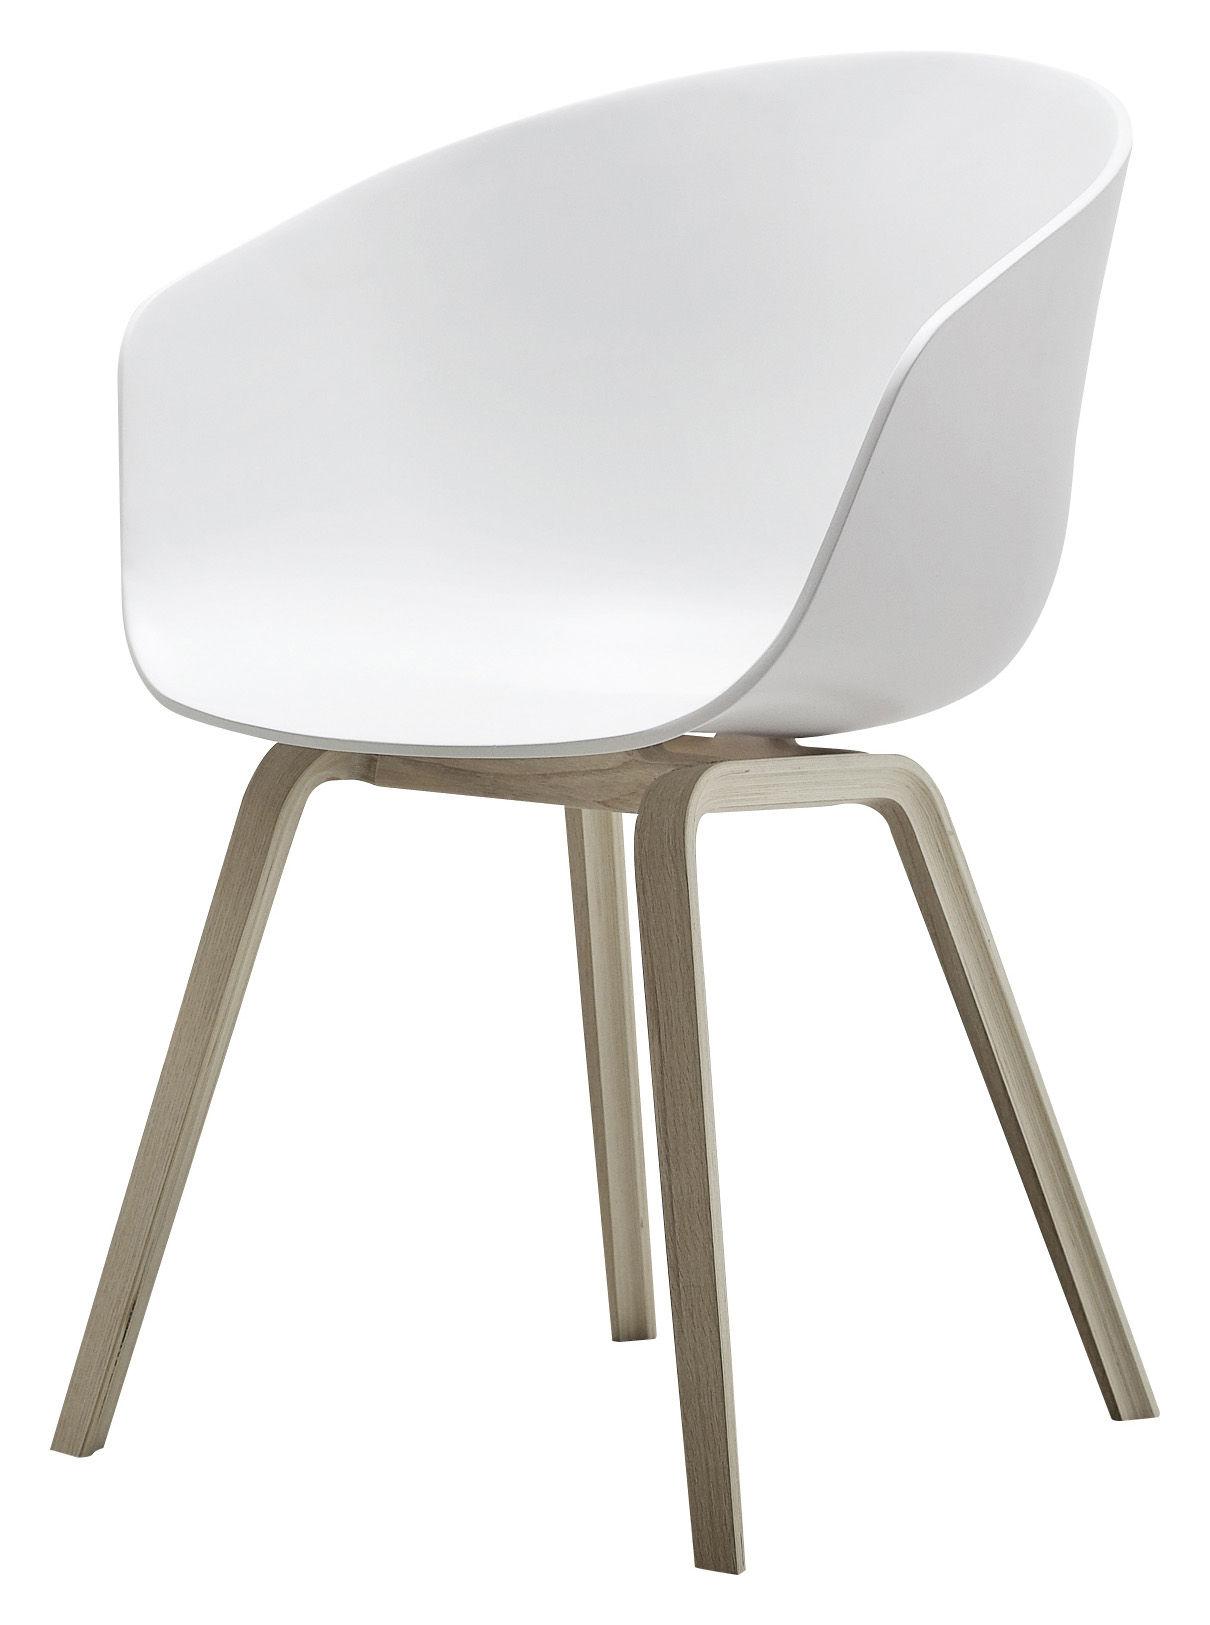 Mobilier - Chaises, fauteuils de salle à manger - Fauteuil About a chair AAC22 / Plastique & pieds bois - Hay - Blanc / Pieds bois naturel - Chêne, Polypropylène